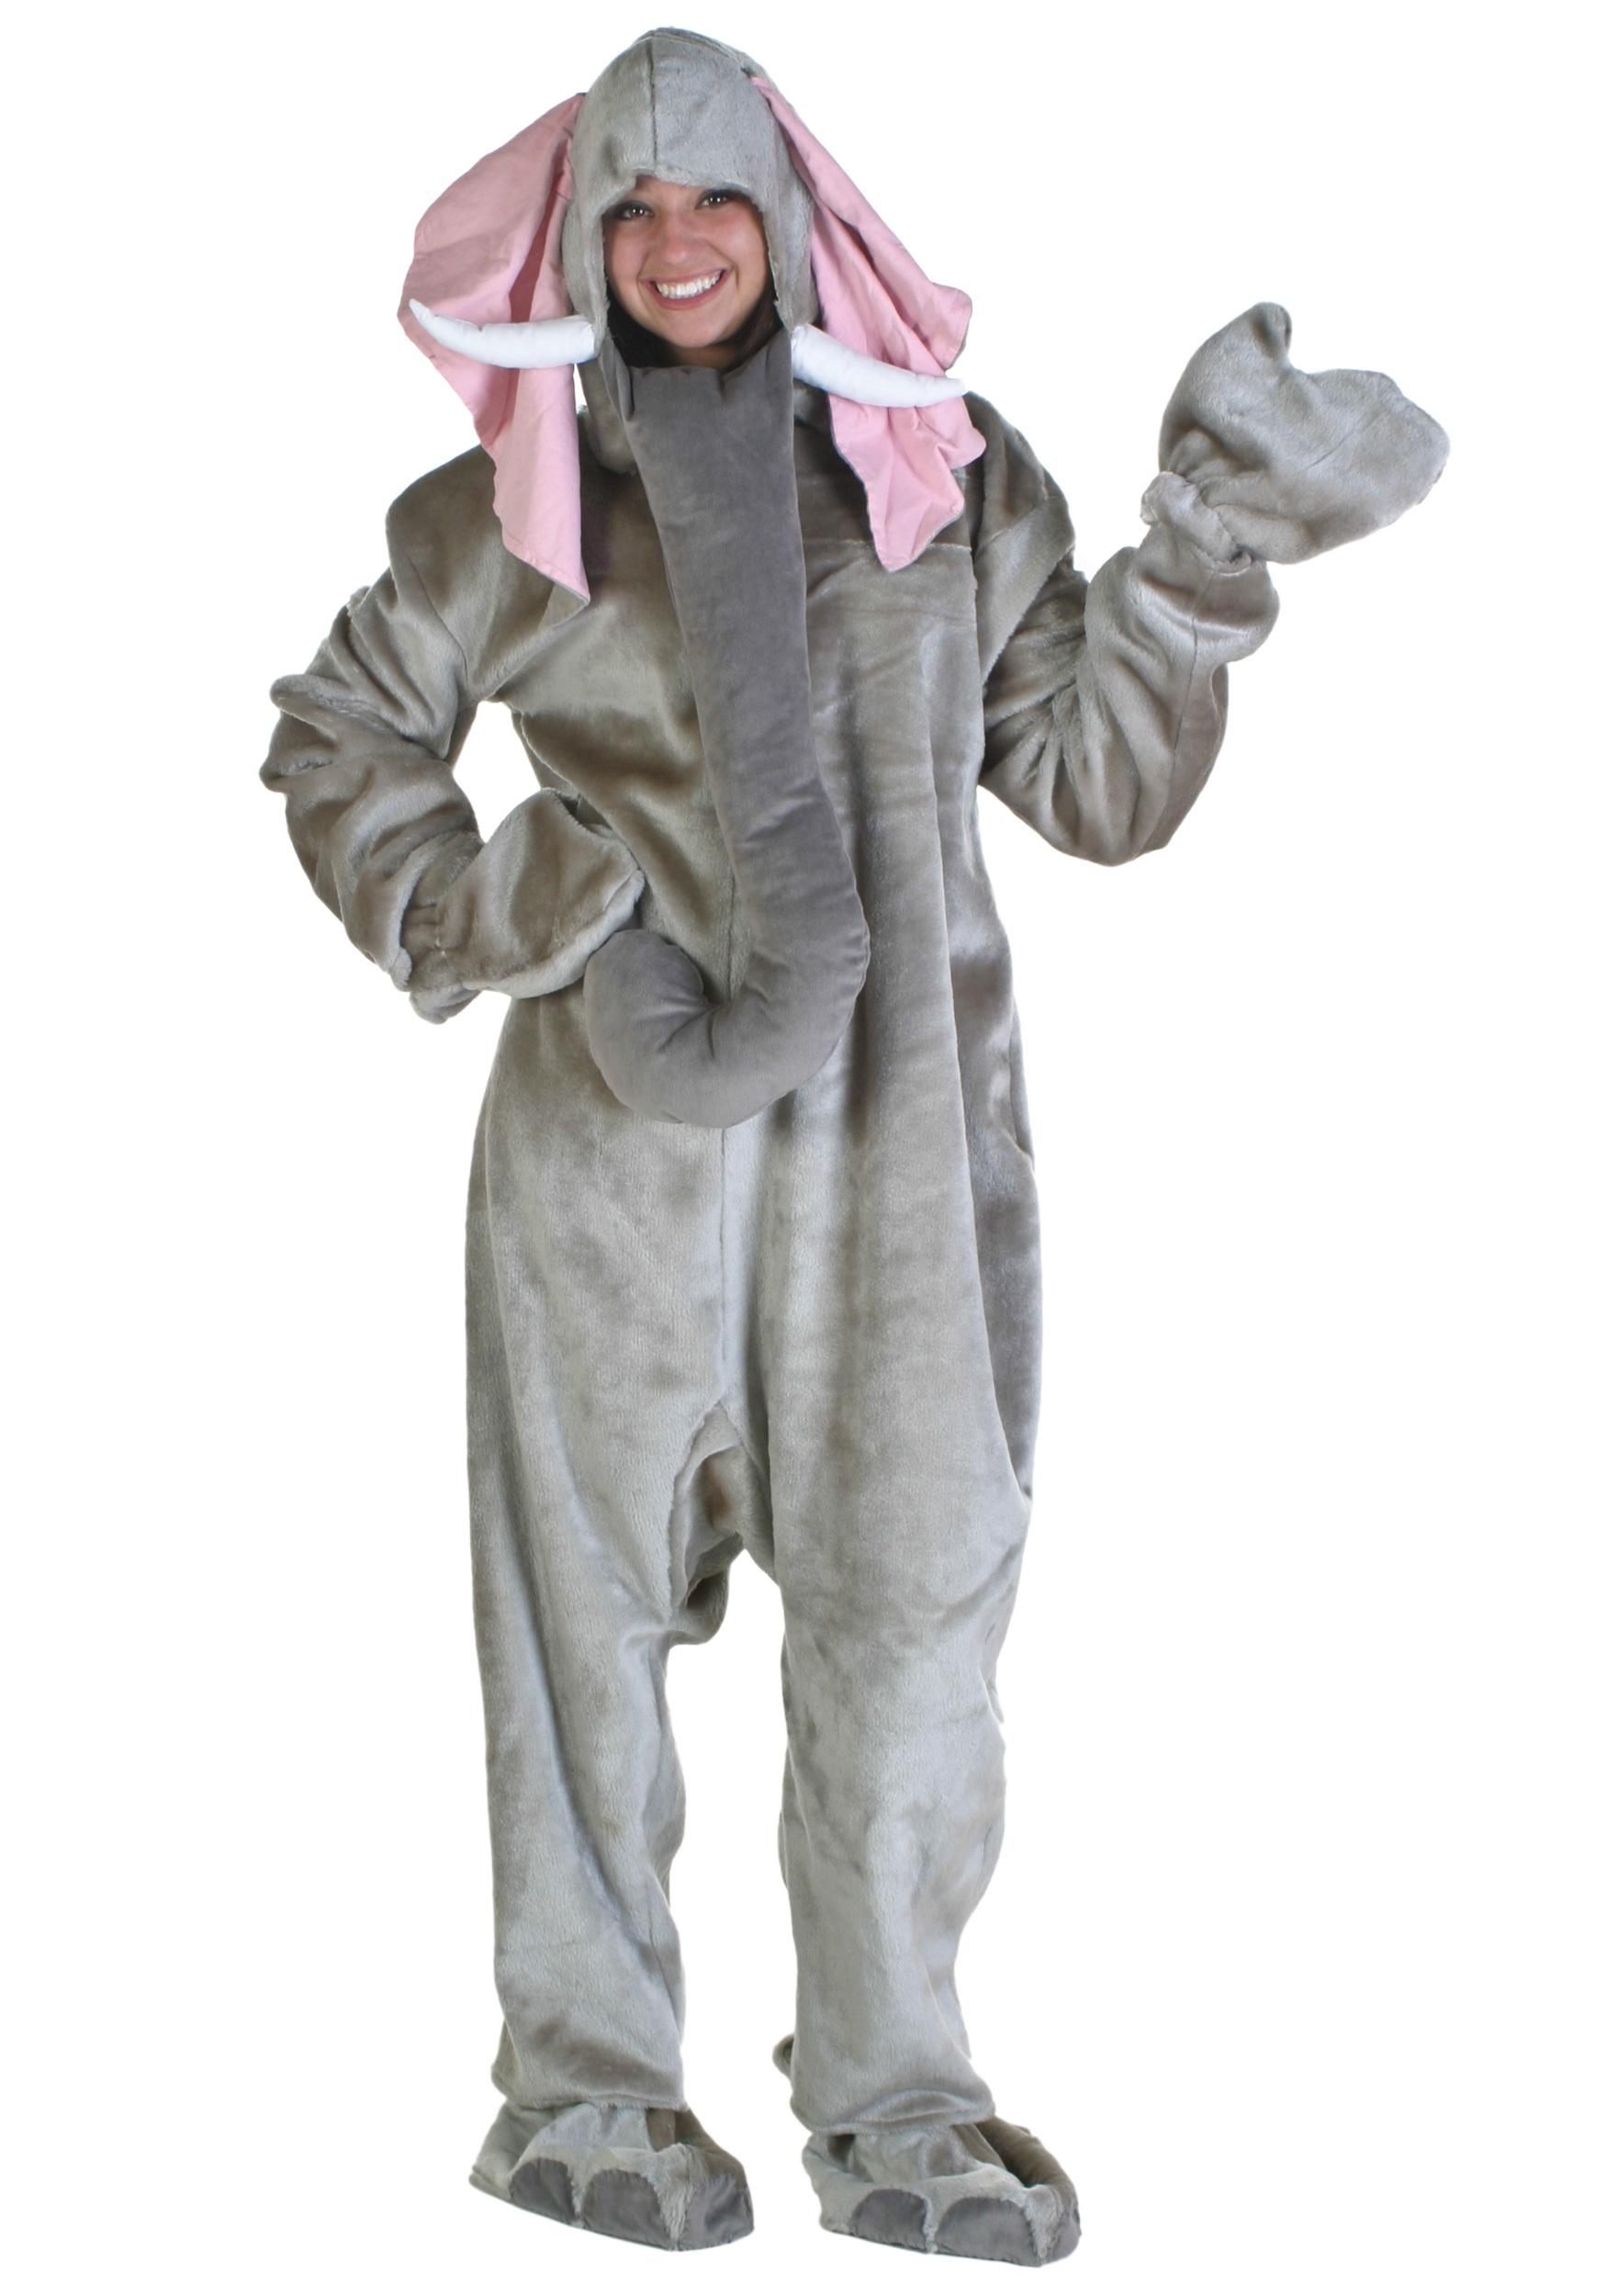 Adult costume rental